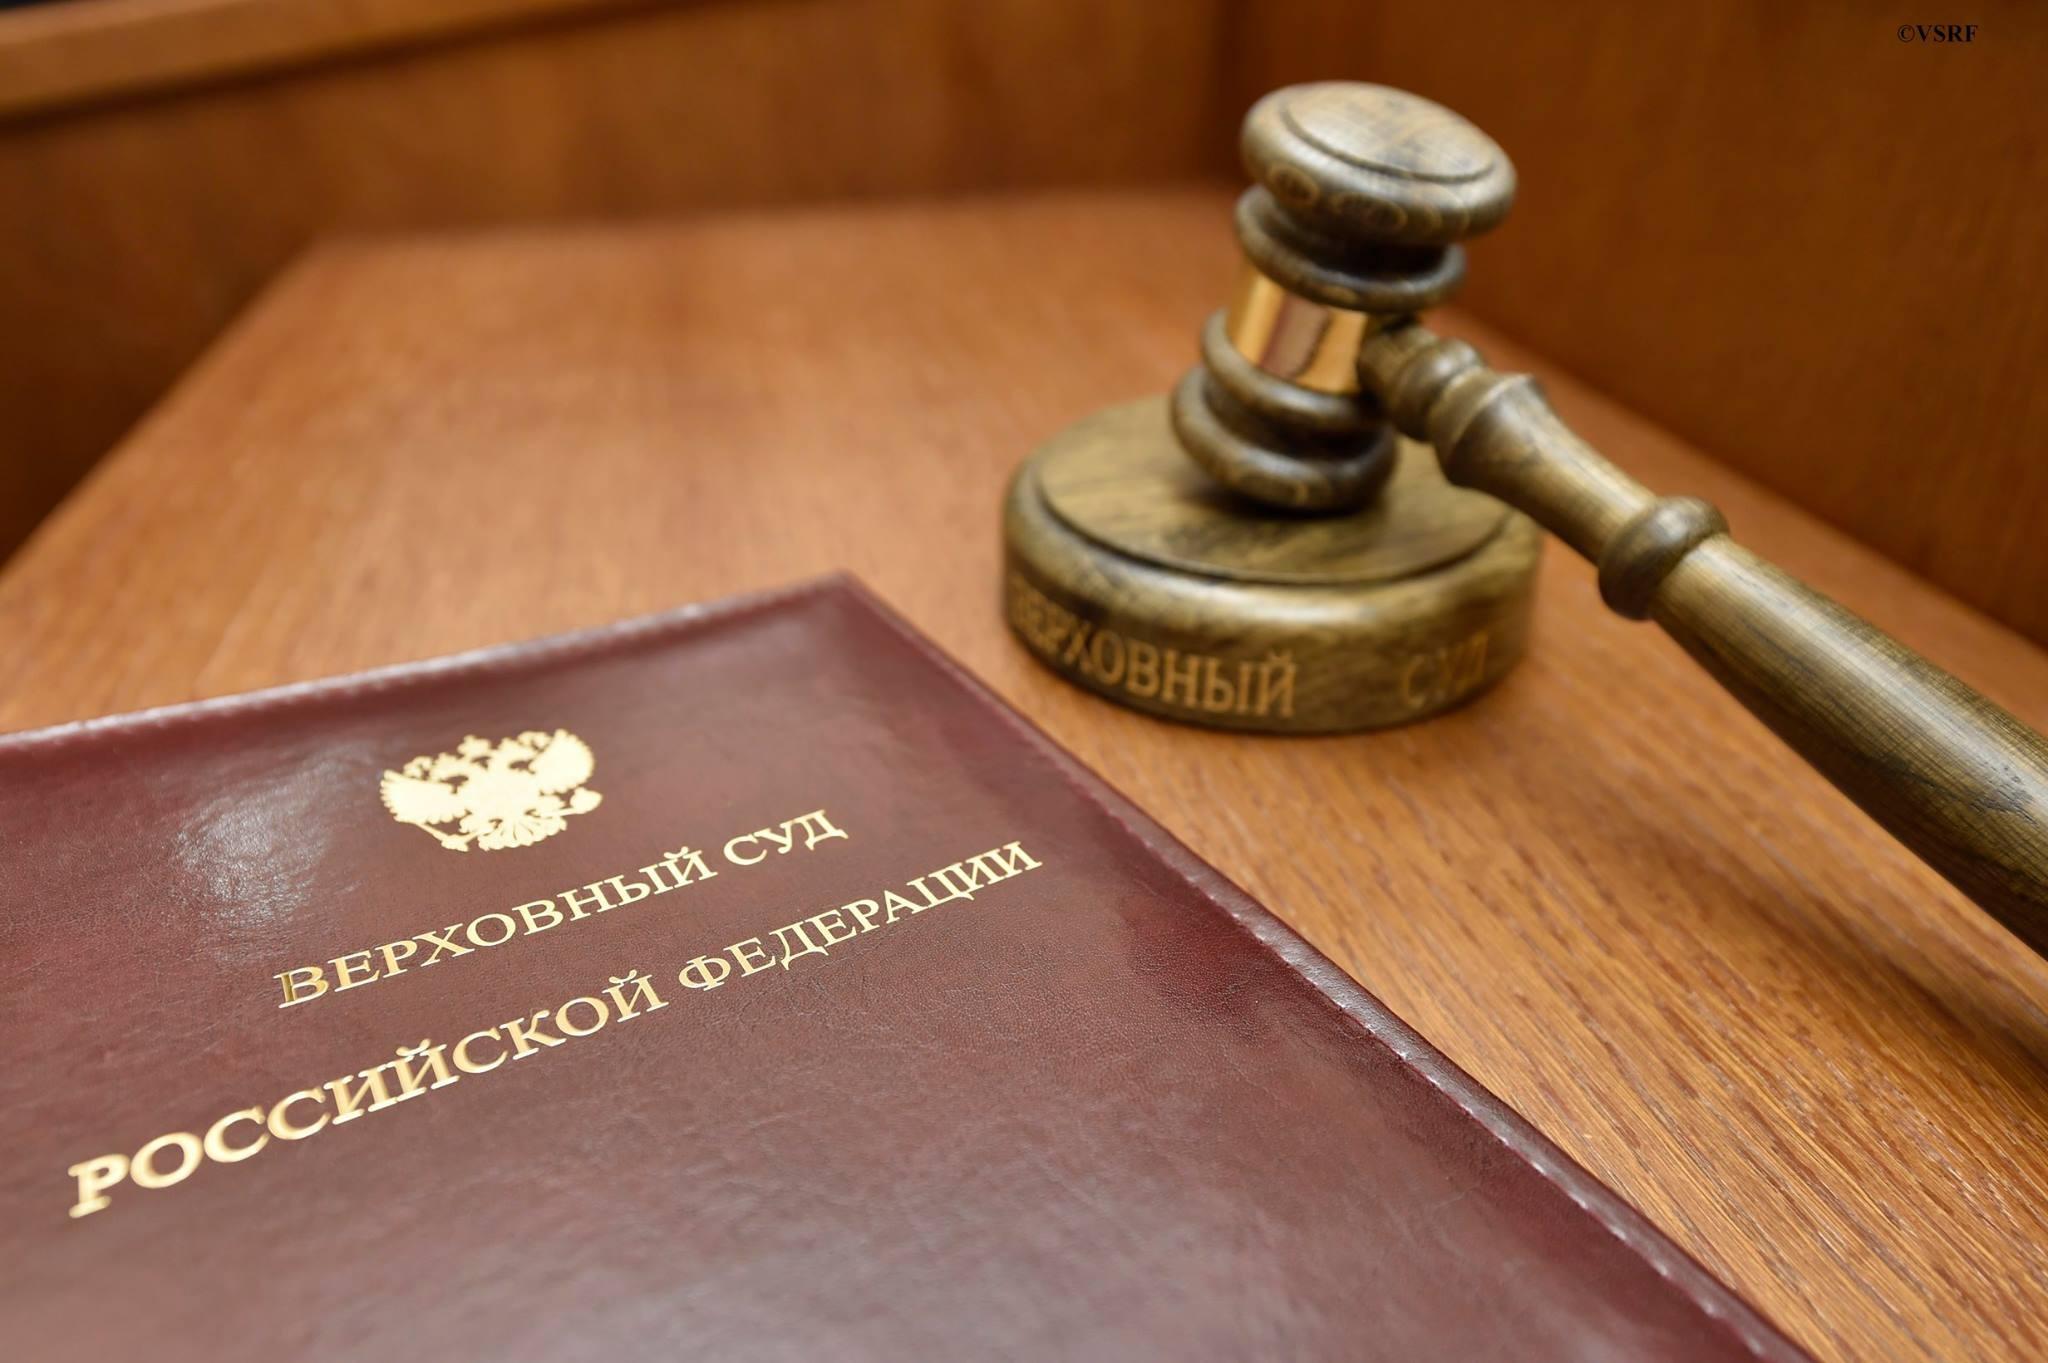 Верховный суд России одобрил законопроект Яровой о защите врачей